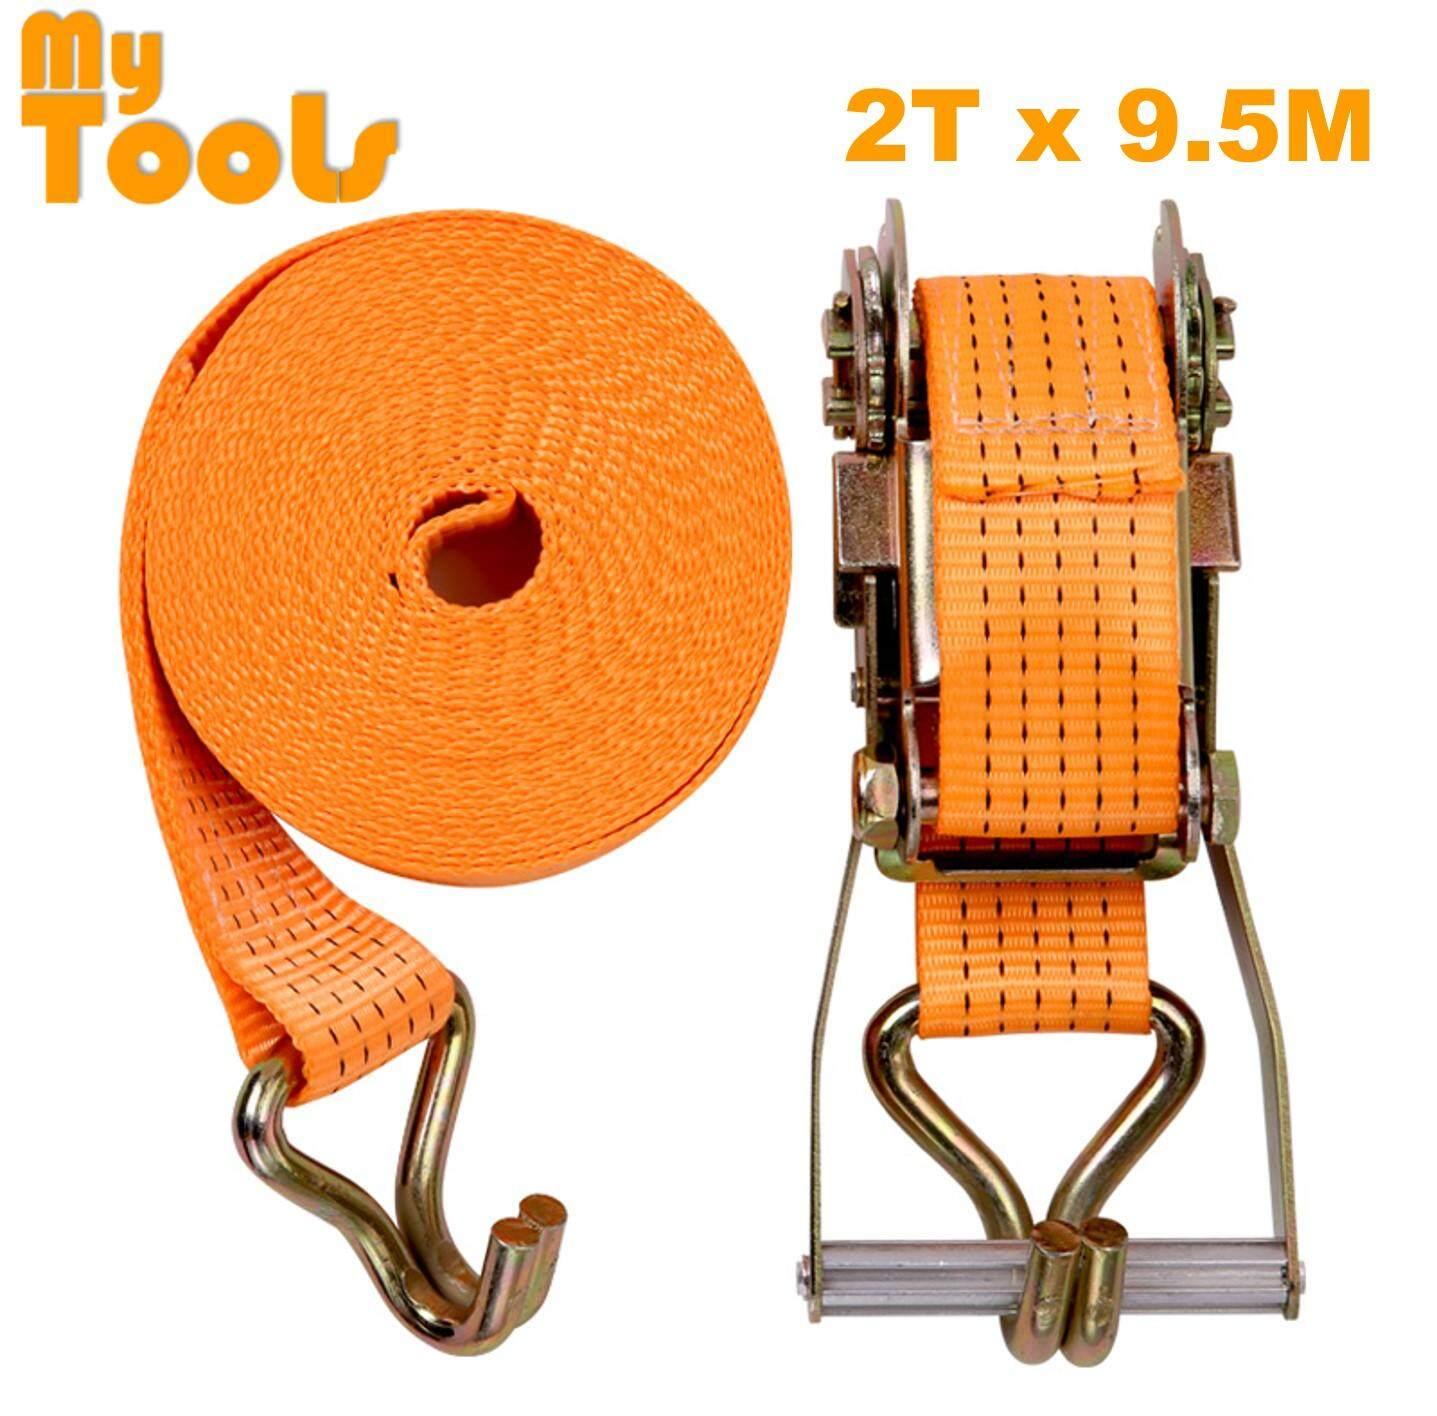 2 X 10M Heavy Duty Ratchet Tie Down Belt With Metal Lock ( 2 Ton Breaking Force )